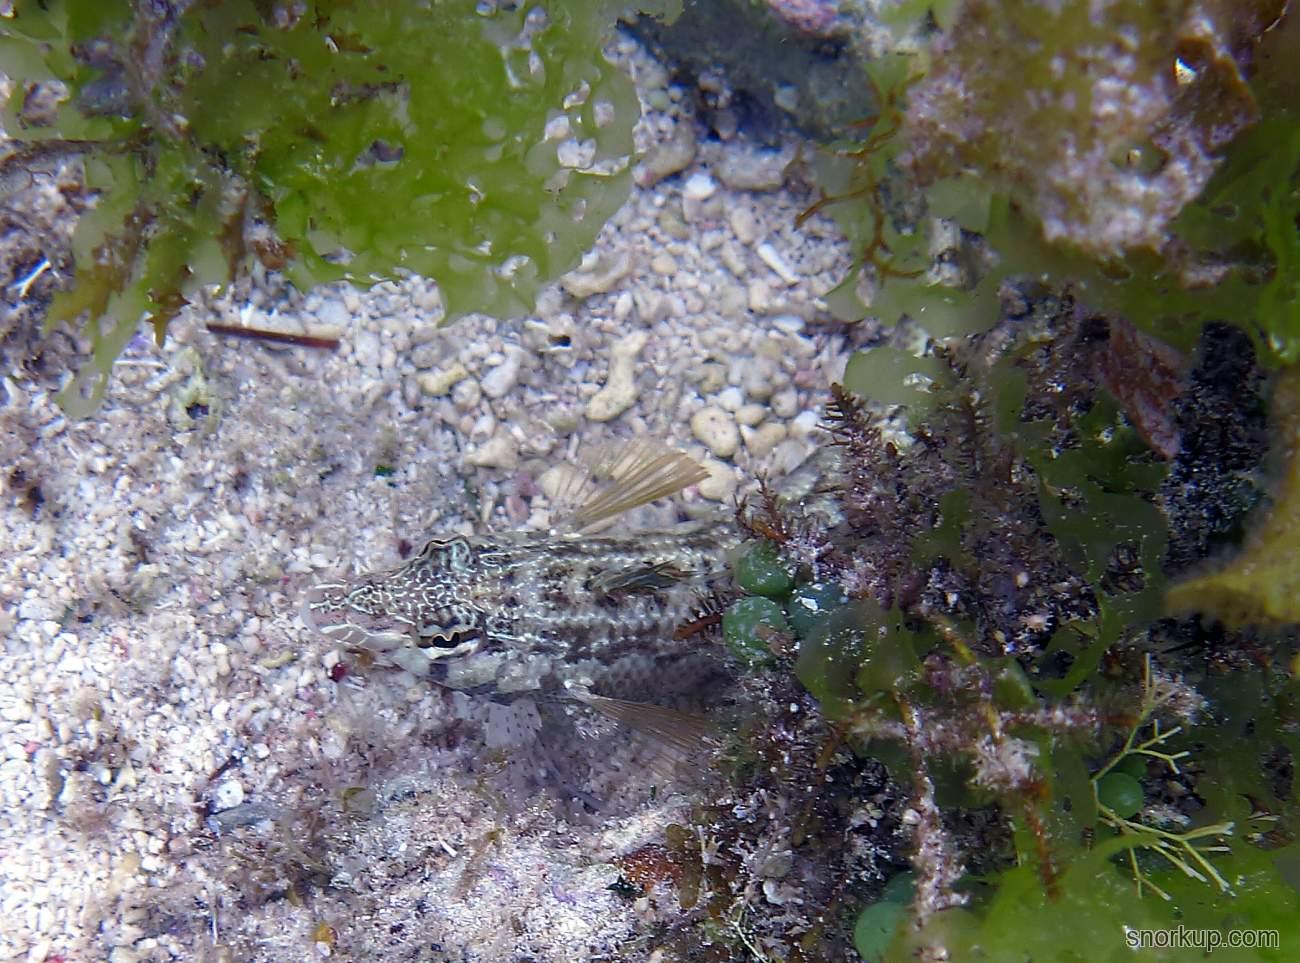 Цилиндрический песчаный окунь - Parapercis cylindrica - Cylindrical sandperch